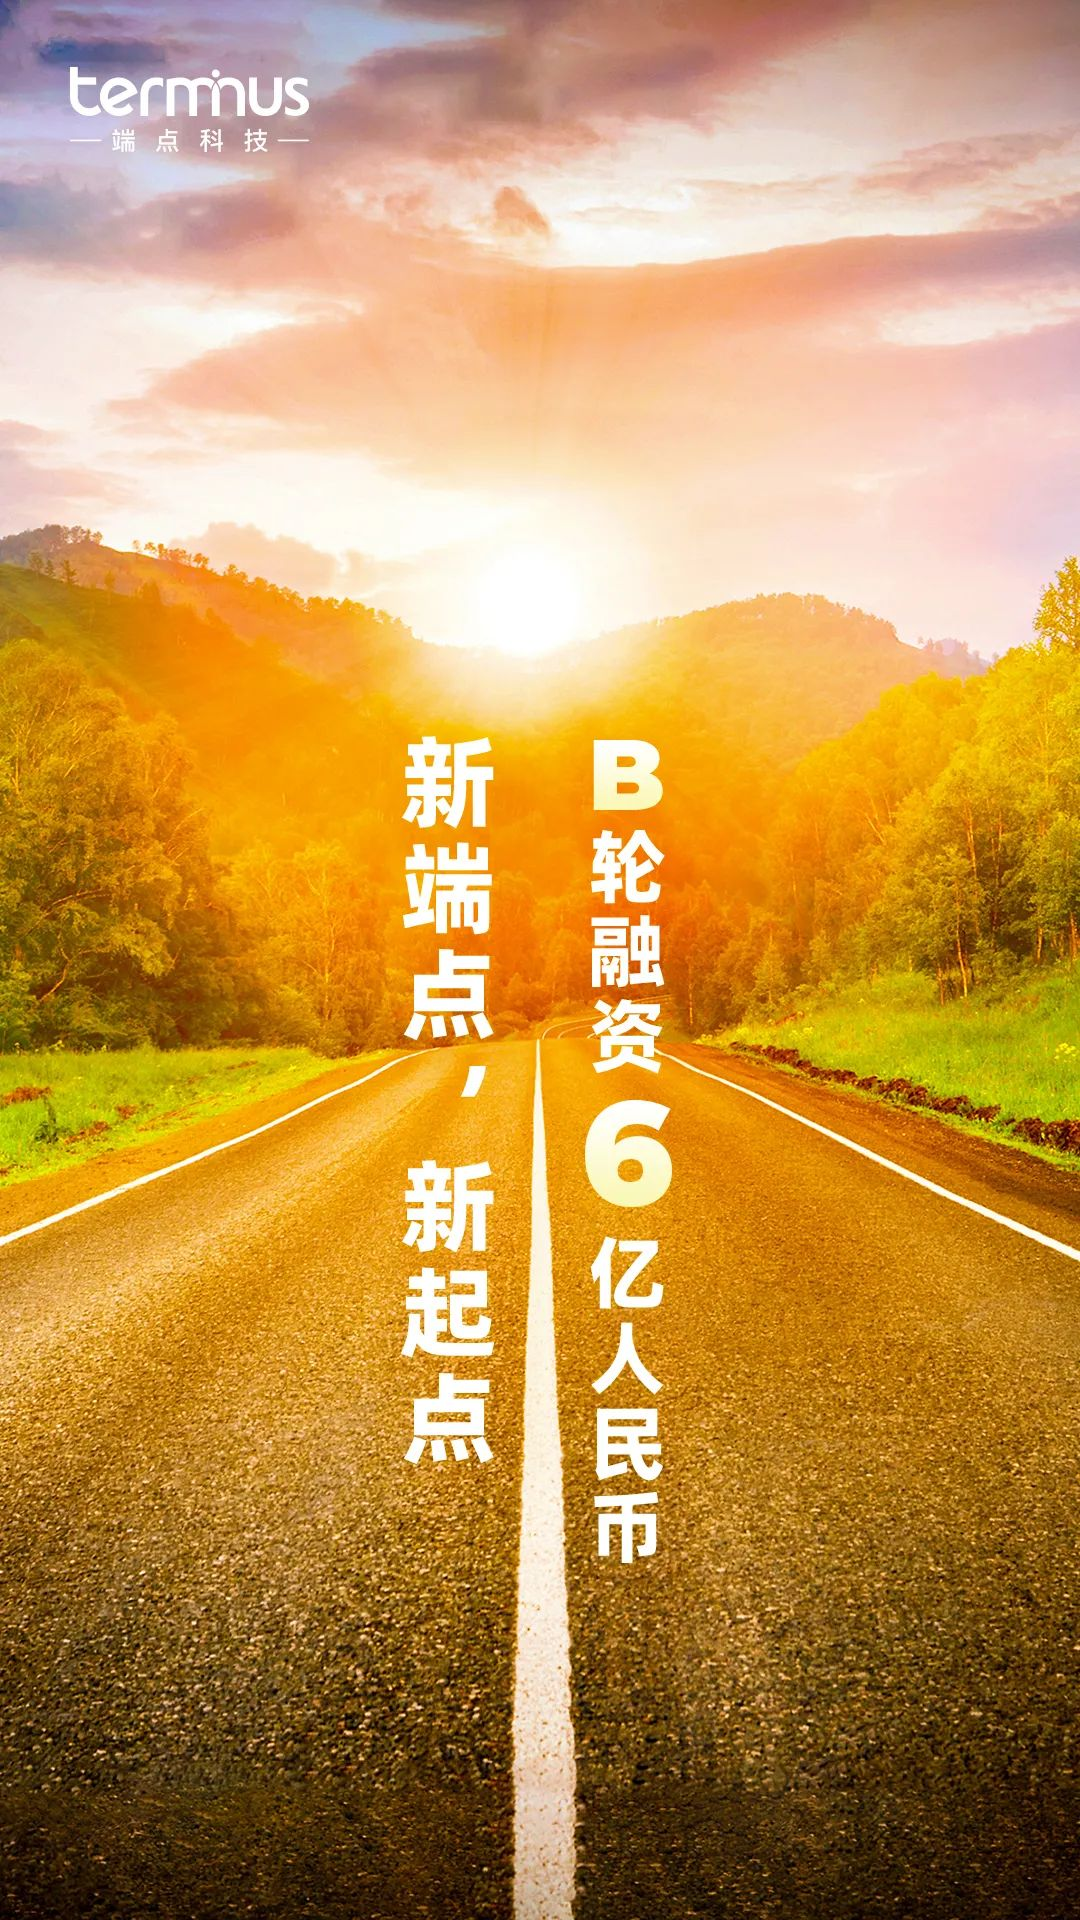 端点 B 轮融资 6 亿人民币,专注中国自研新商业软件